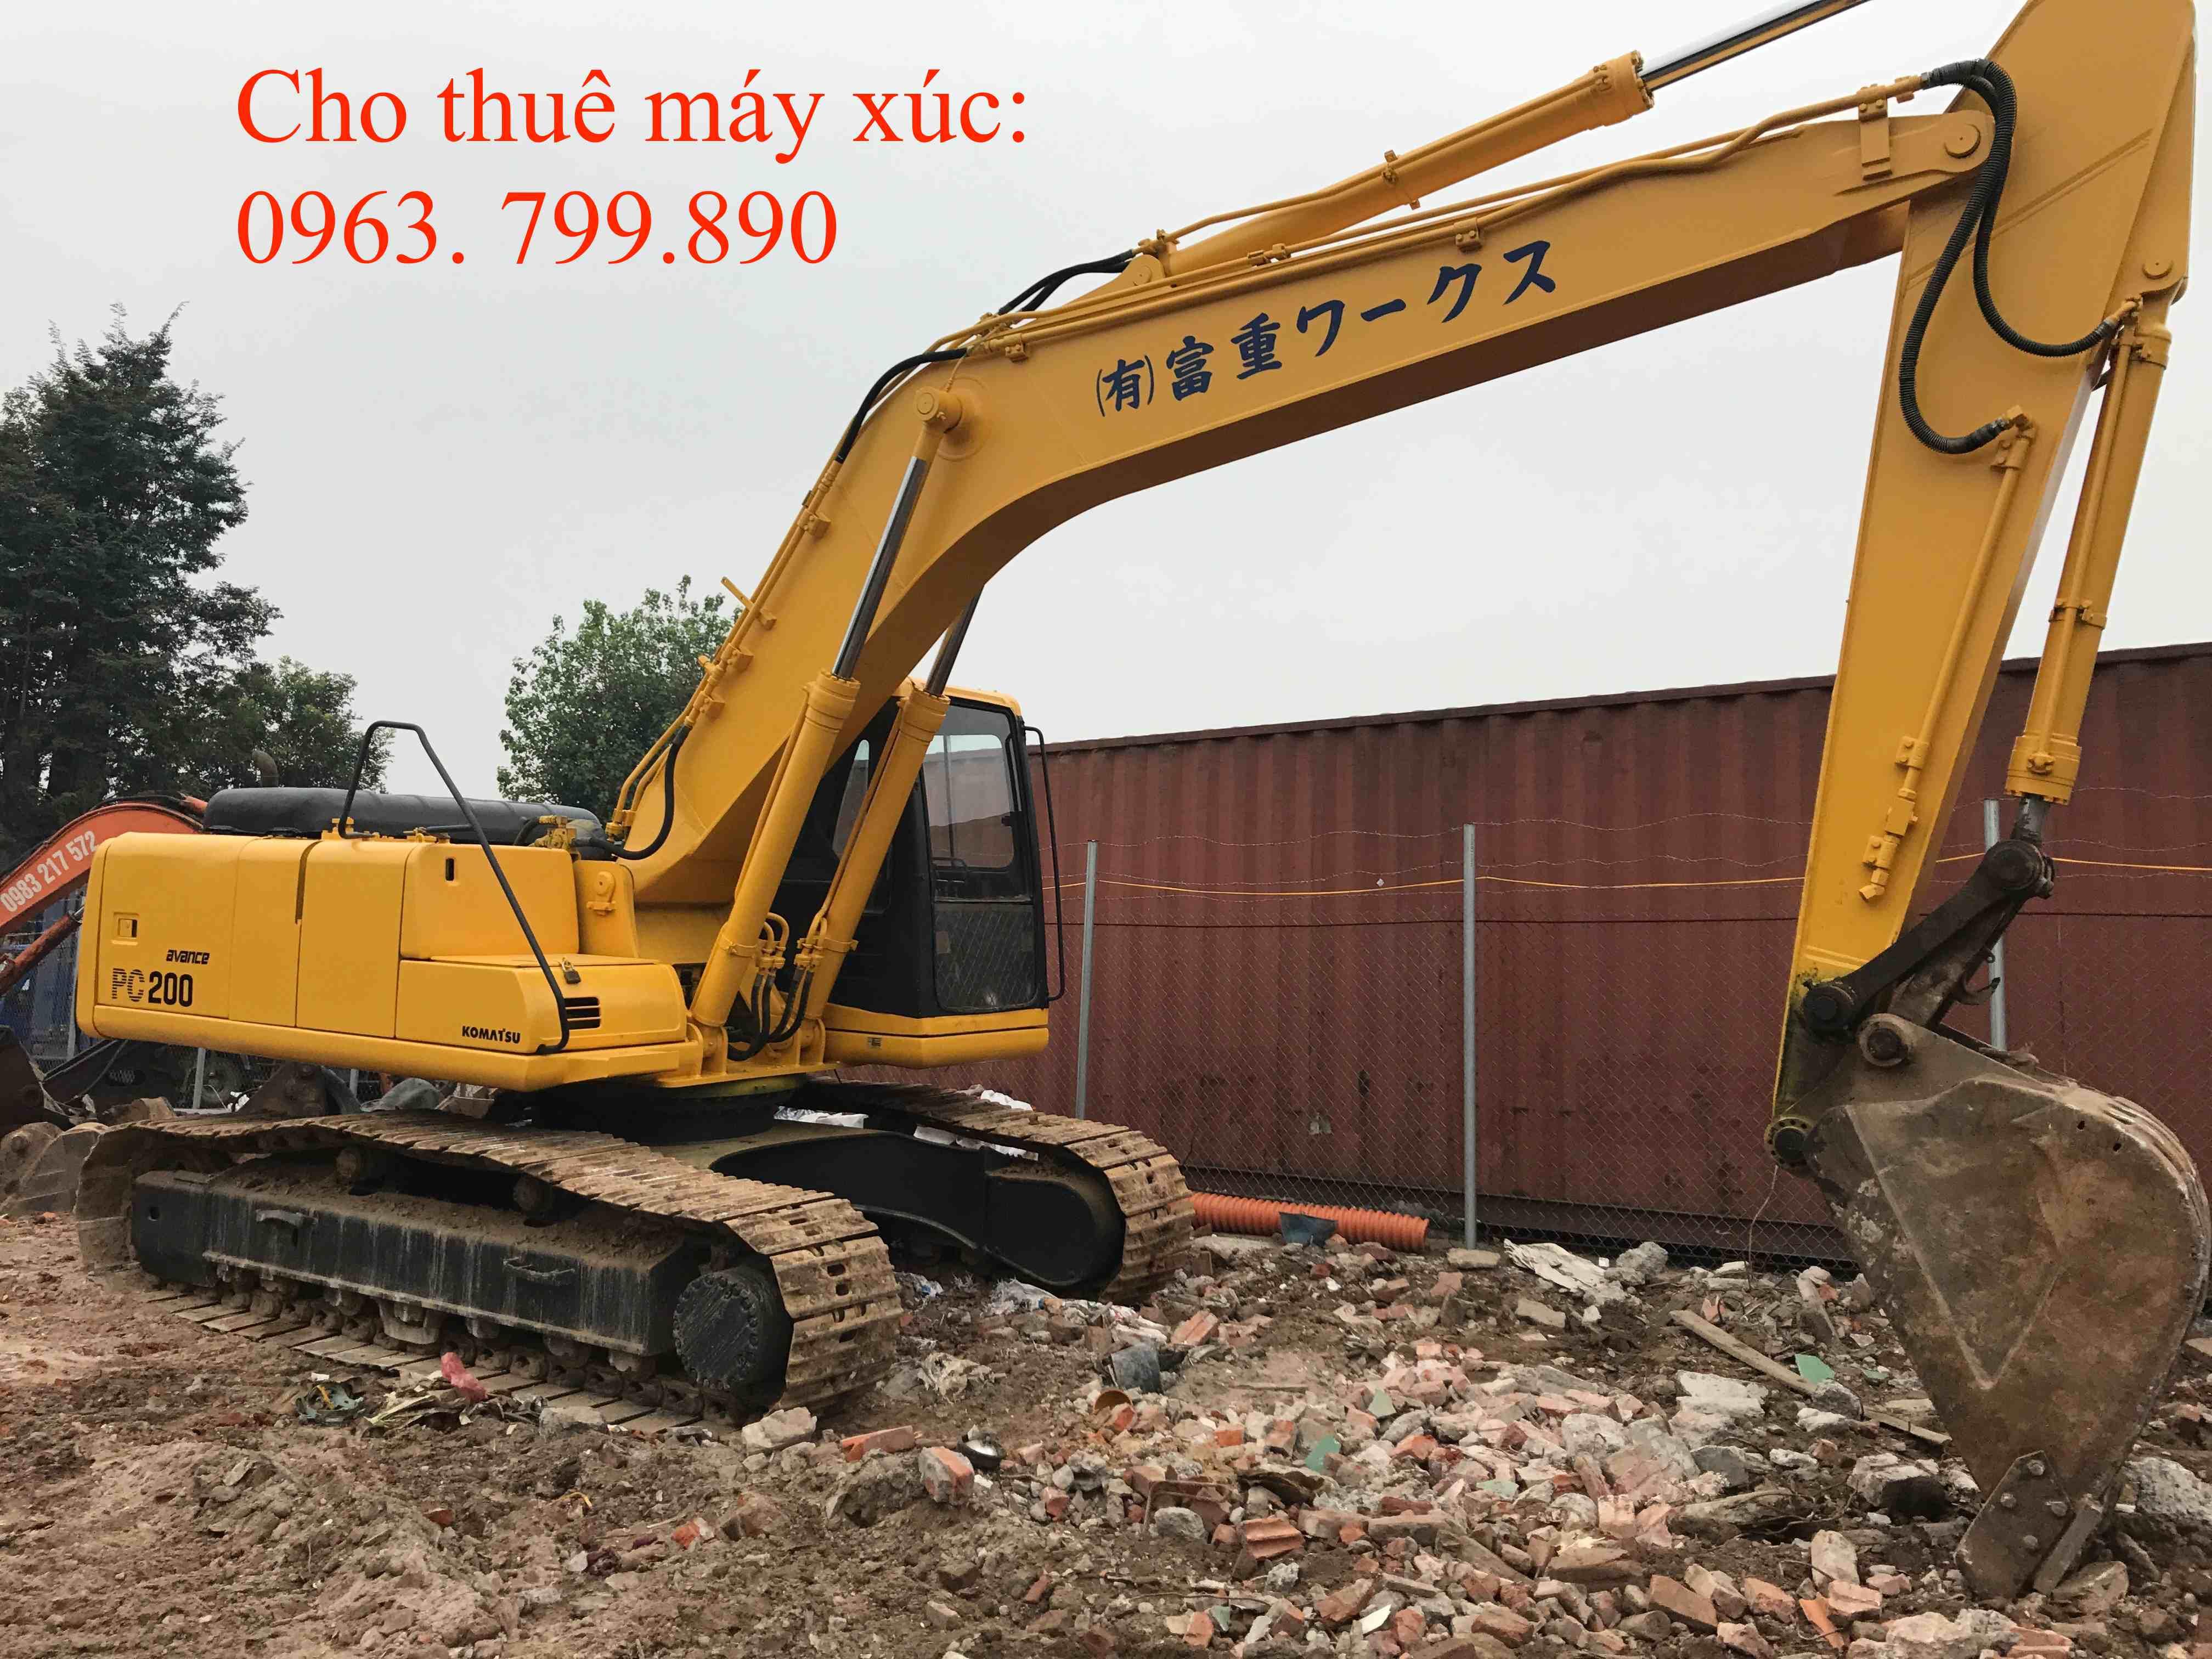 Cho thuê máy xúc đào bánh xích Komatsu PC 200 - 6